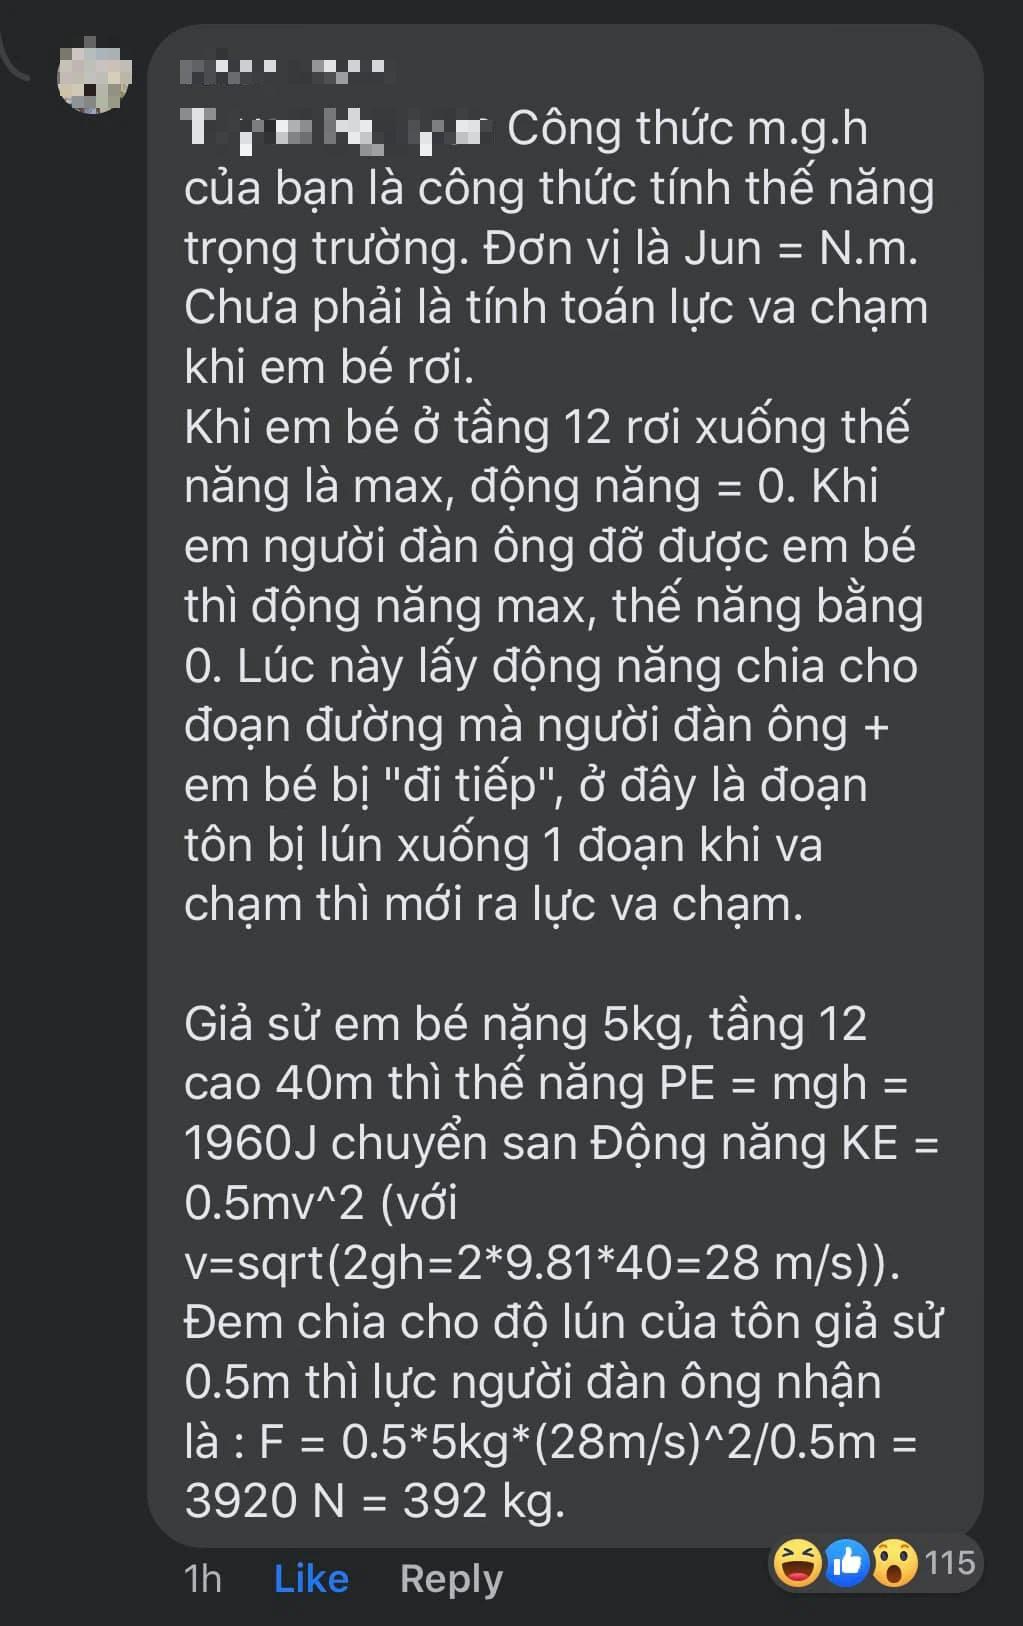 """Vụ cứu sống bé gái rơi từ tầng 12 chung cư Hà Nội: Dân mạng kinh nể tính toán ra số cân nặng mà """"người hùng"""" phải chịu khi đỡ bé - Ảnh 4."""